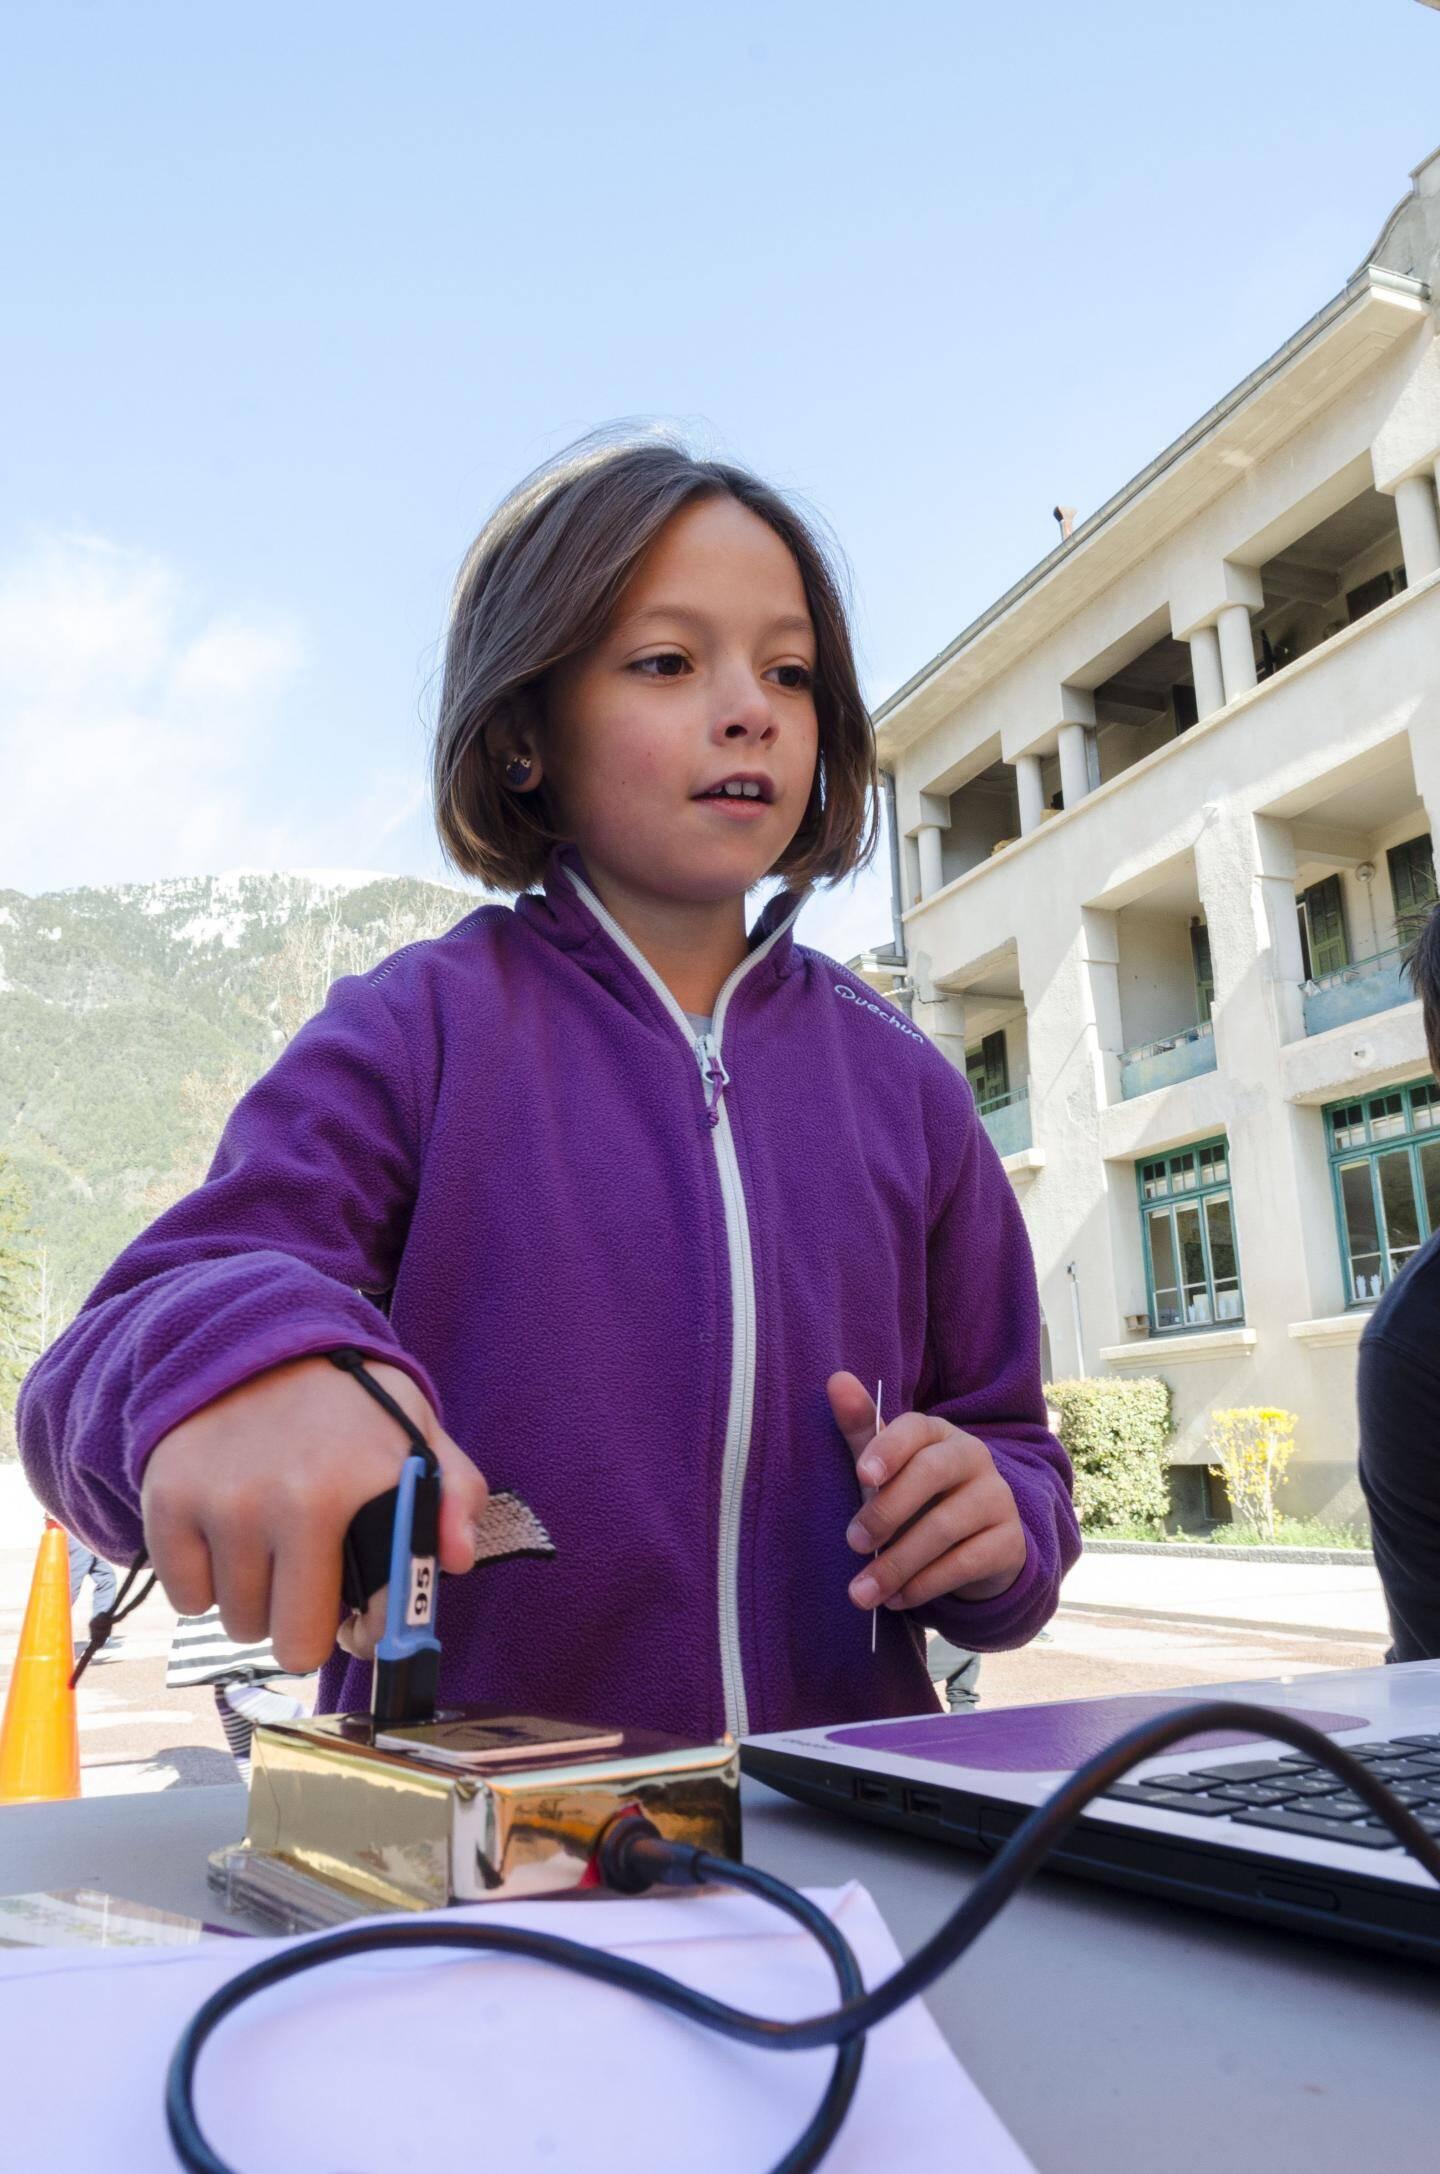 Le dispositif électronique permettant aux enfants d'évaluer leurs résultats, développant ainsi, leur autonomie et leur confiance en soi.